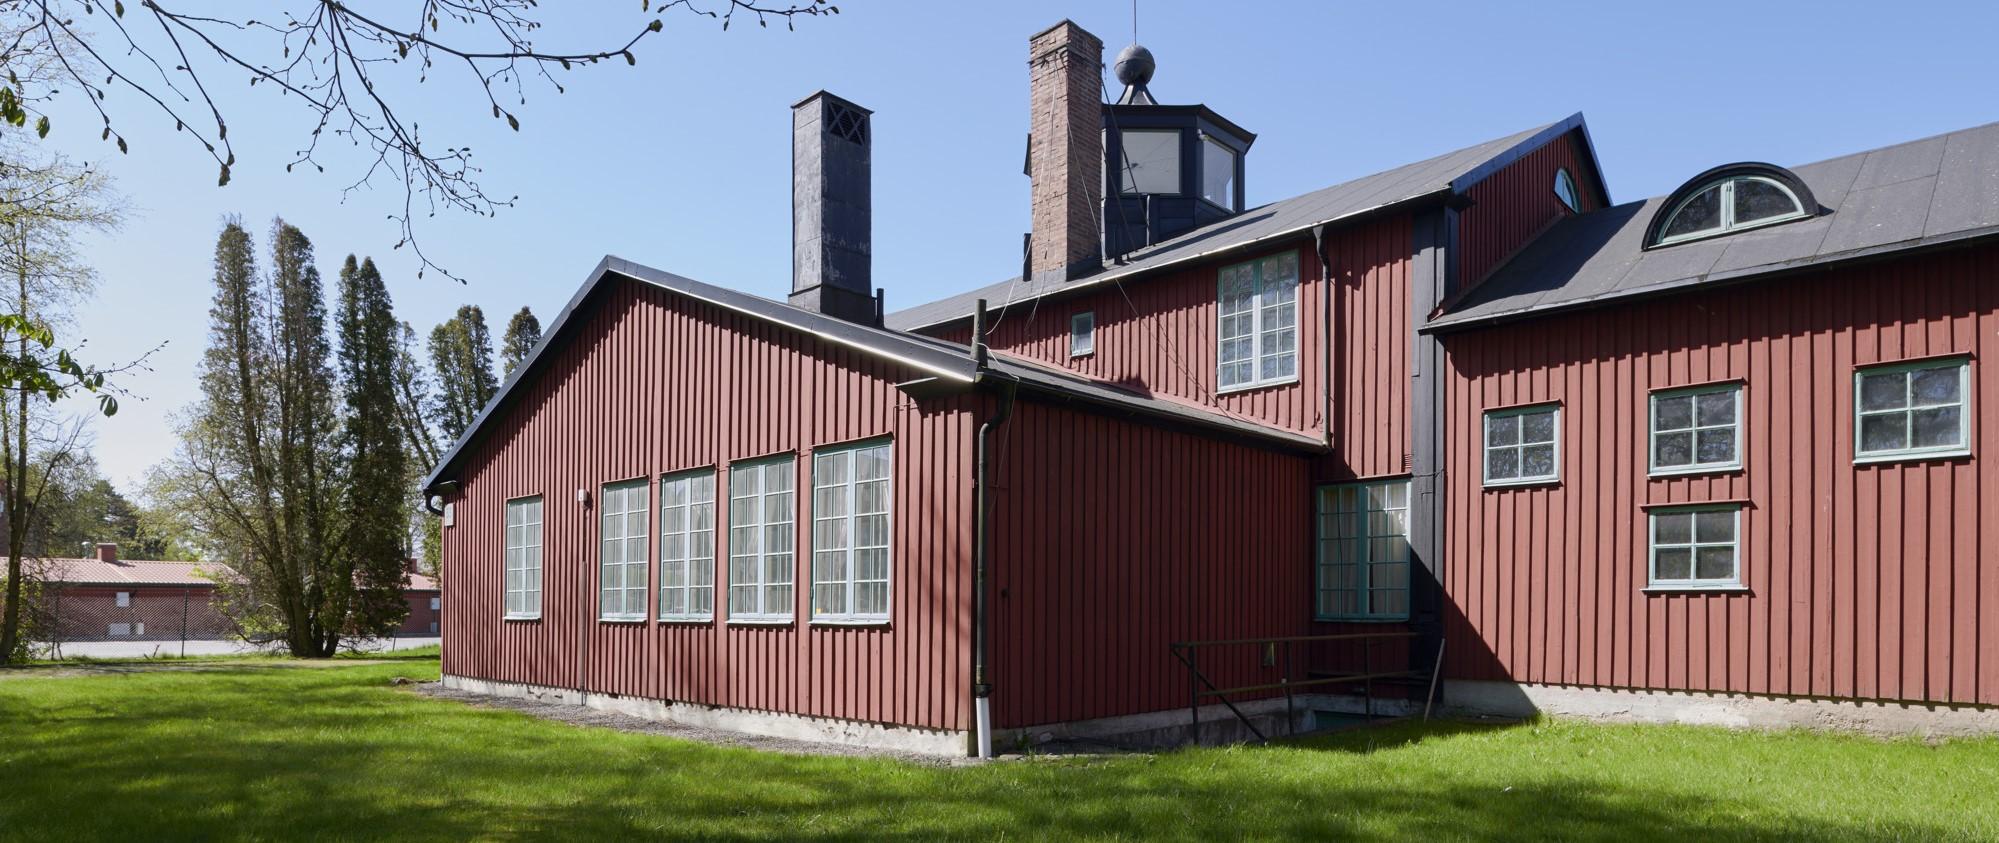 Utsidan av den röda träbyggnaden Kviberg - Museet.